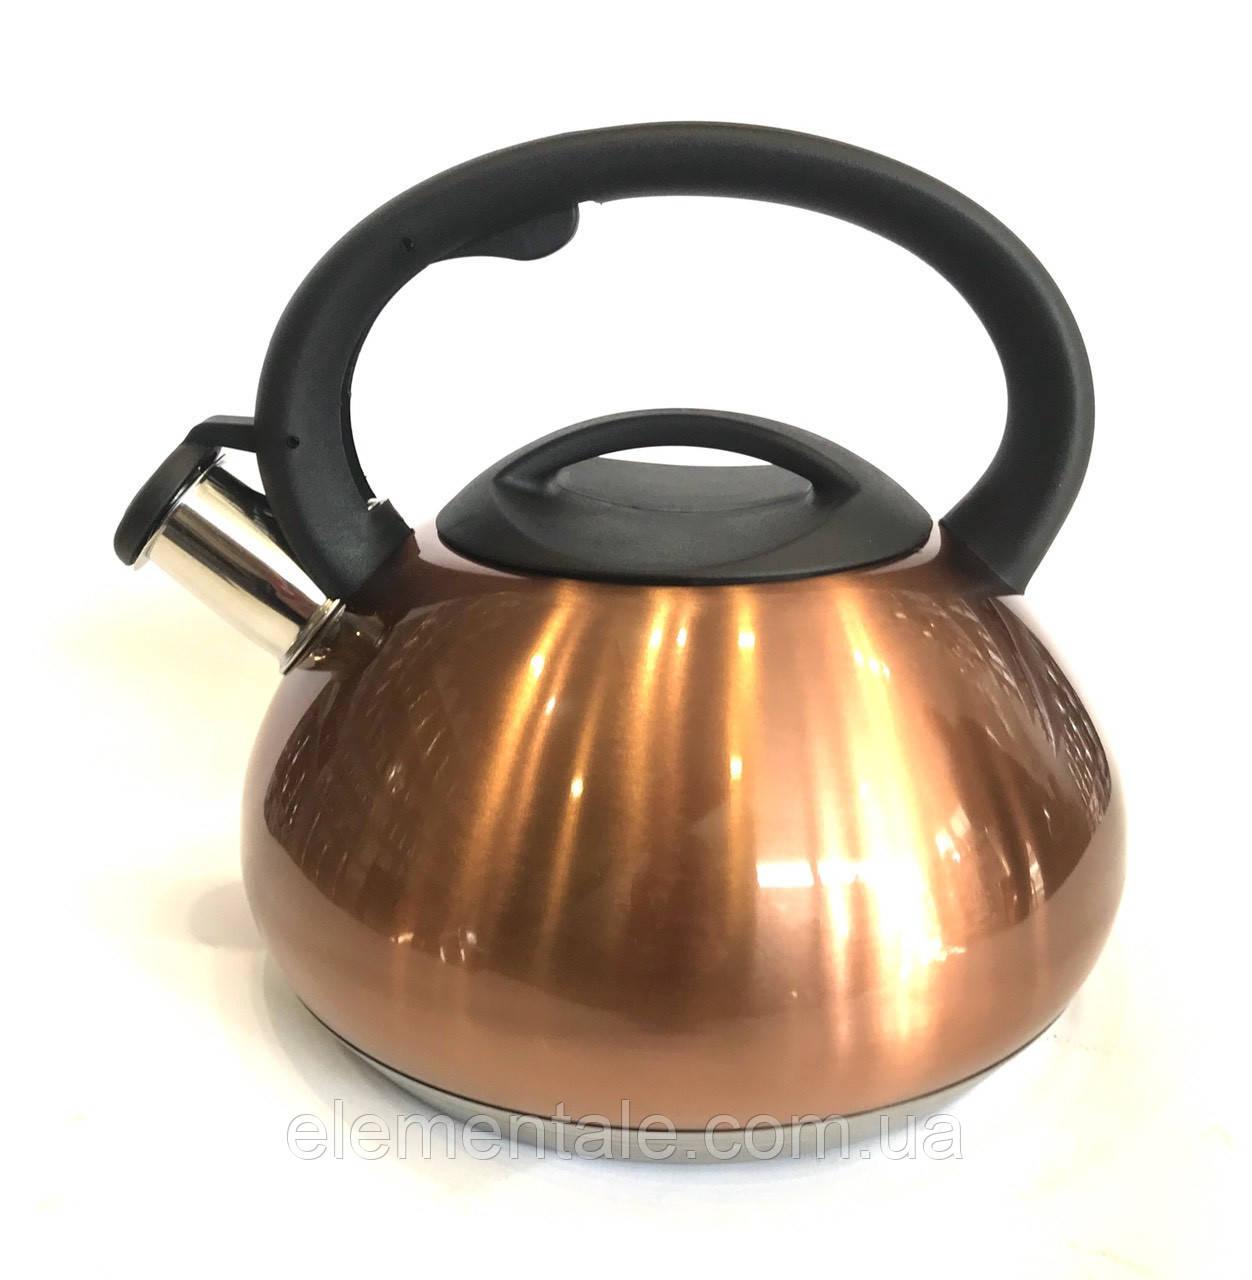 Чайник со свистком BN 713 3 л